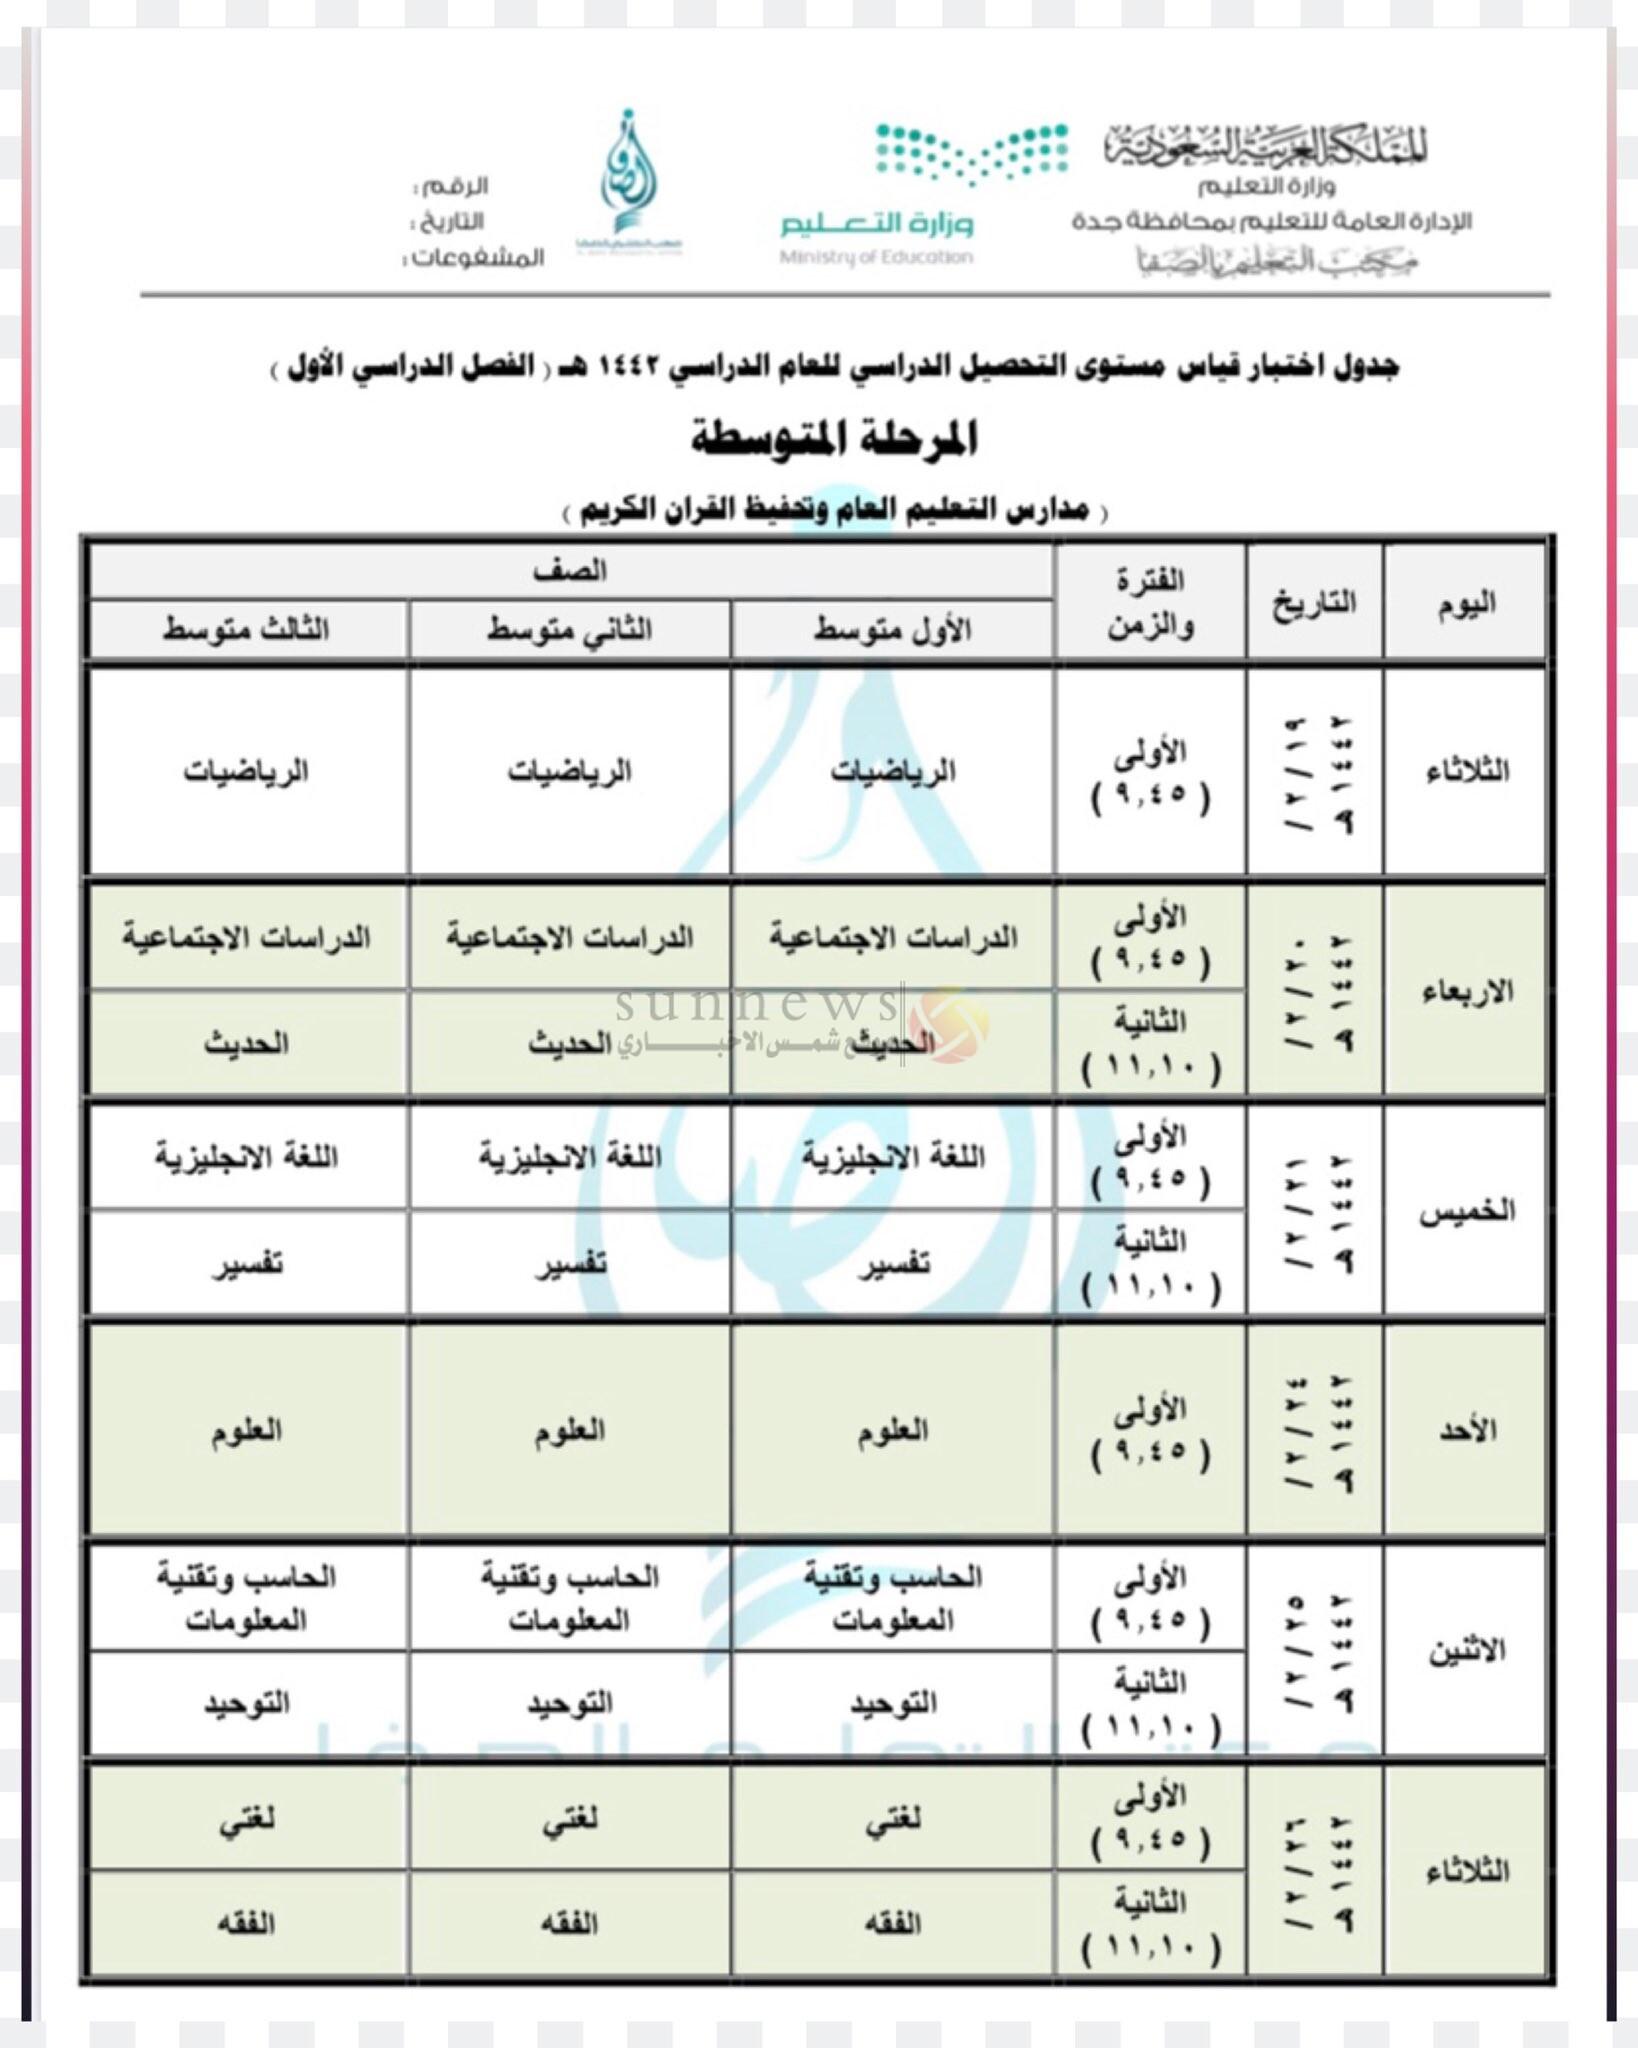 جدول الاختبارات النهائية الفصل الدراسي الأول للمرحلة الابتدائية والمتوسطة 1442 موقع شمس الاخباري